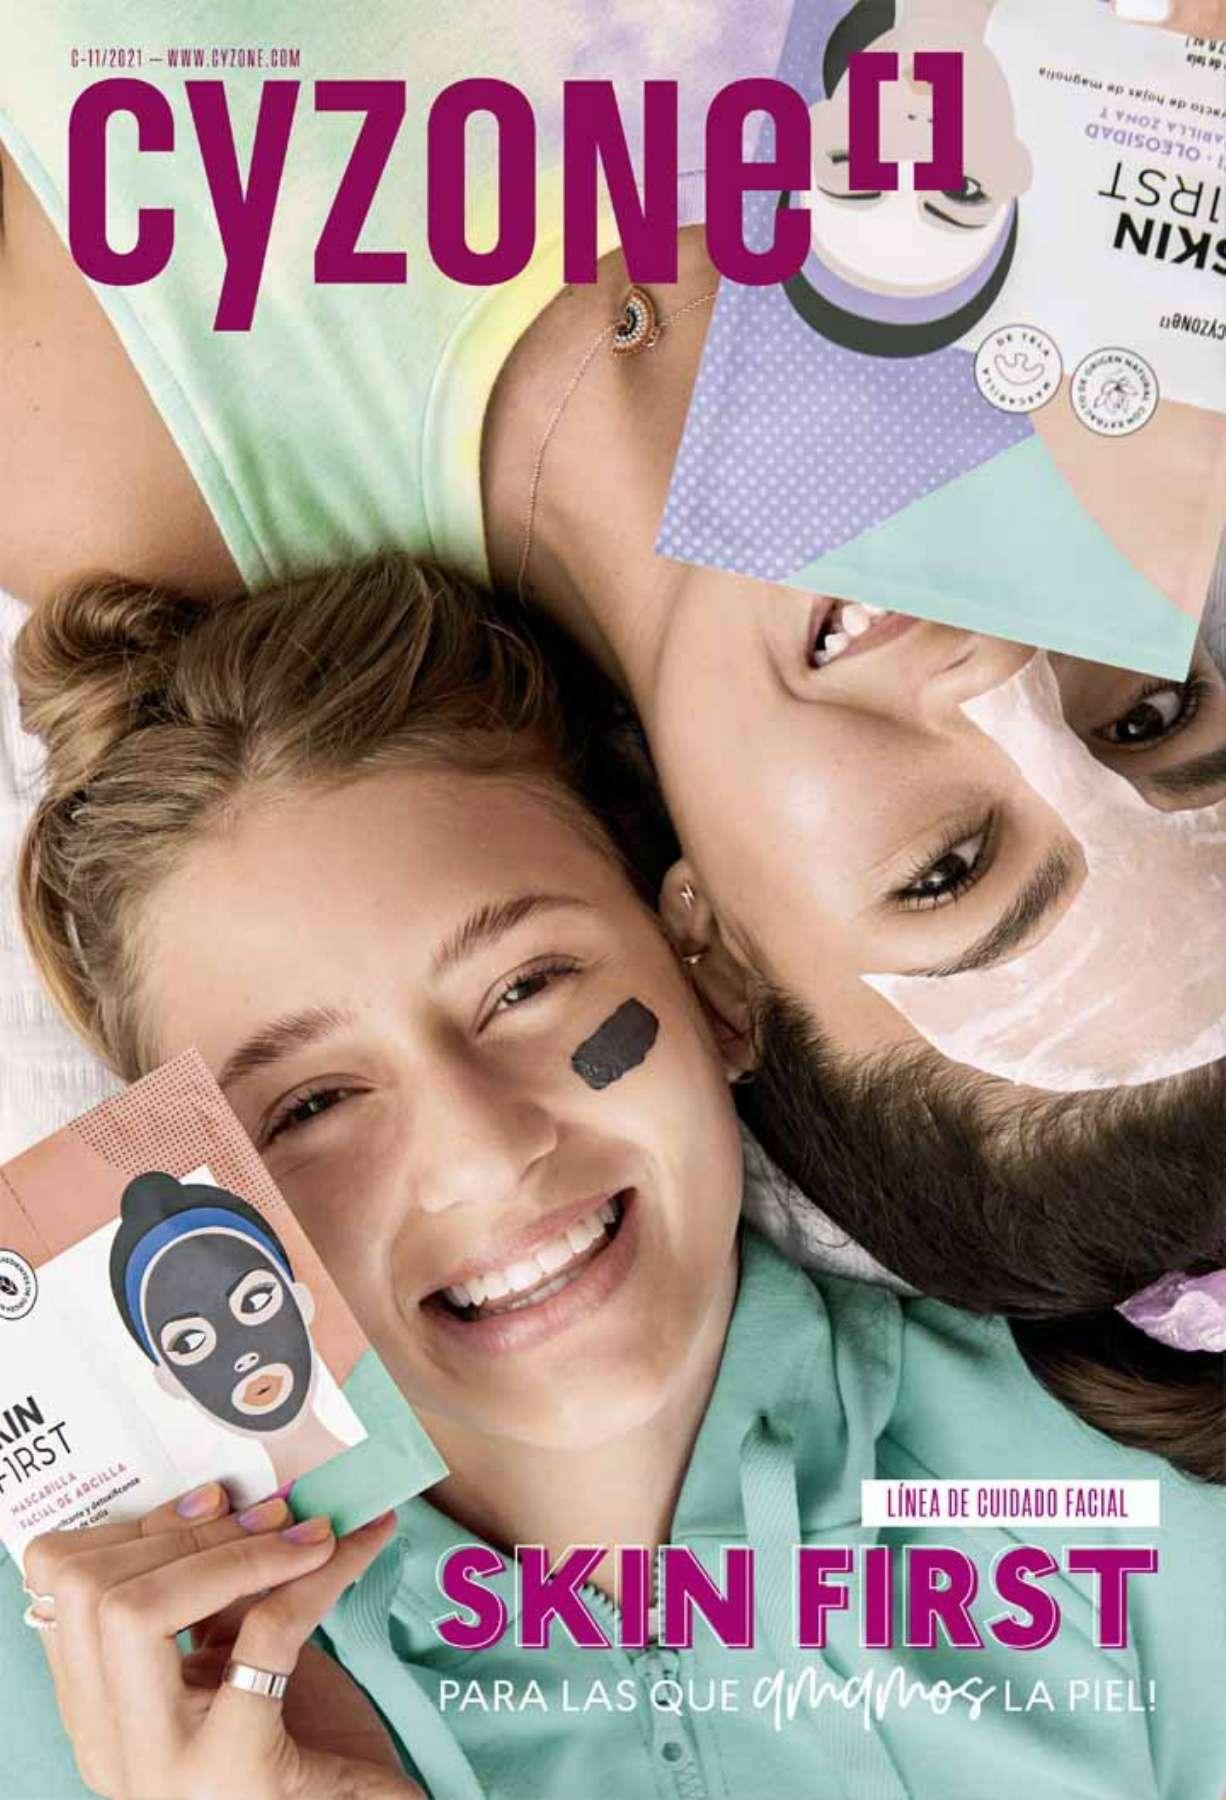 Catálogo Cyzone Campaña 11 2021 Ecuador